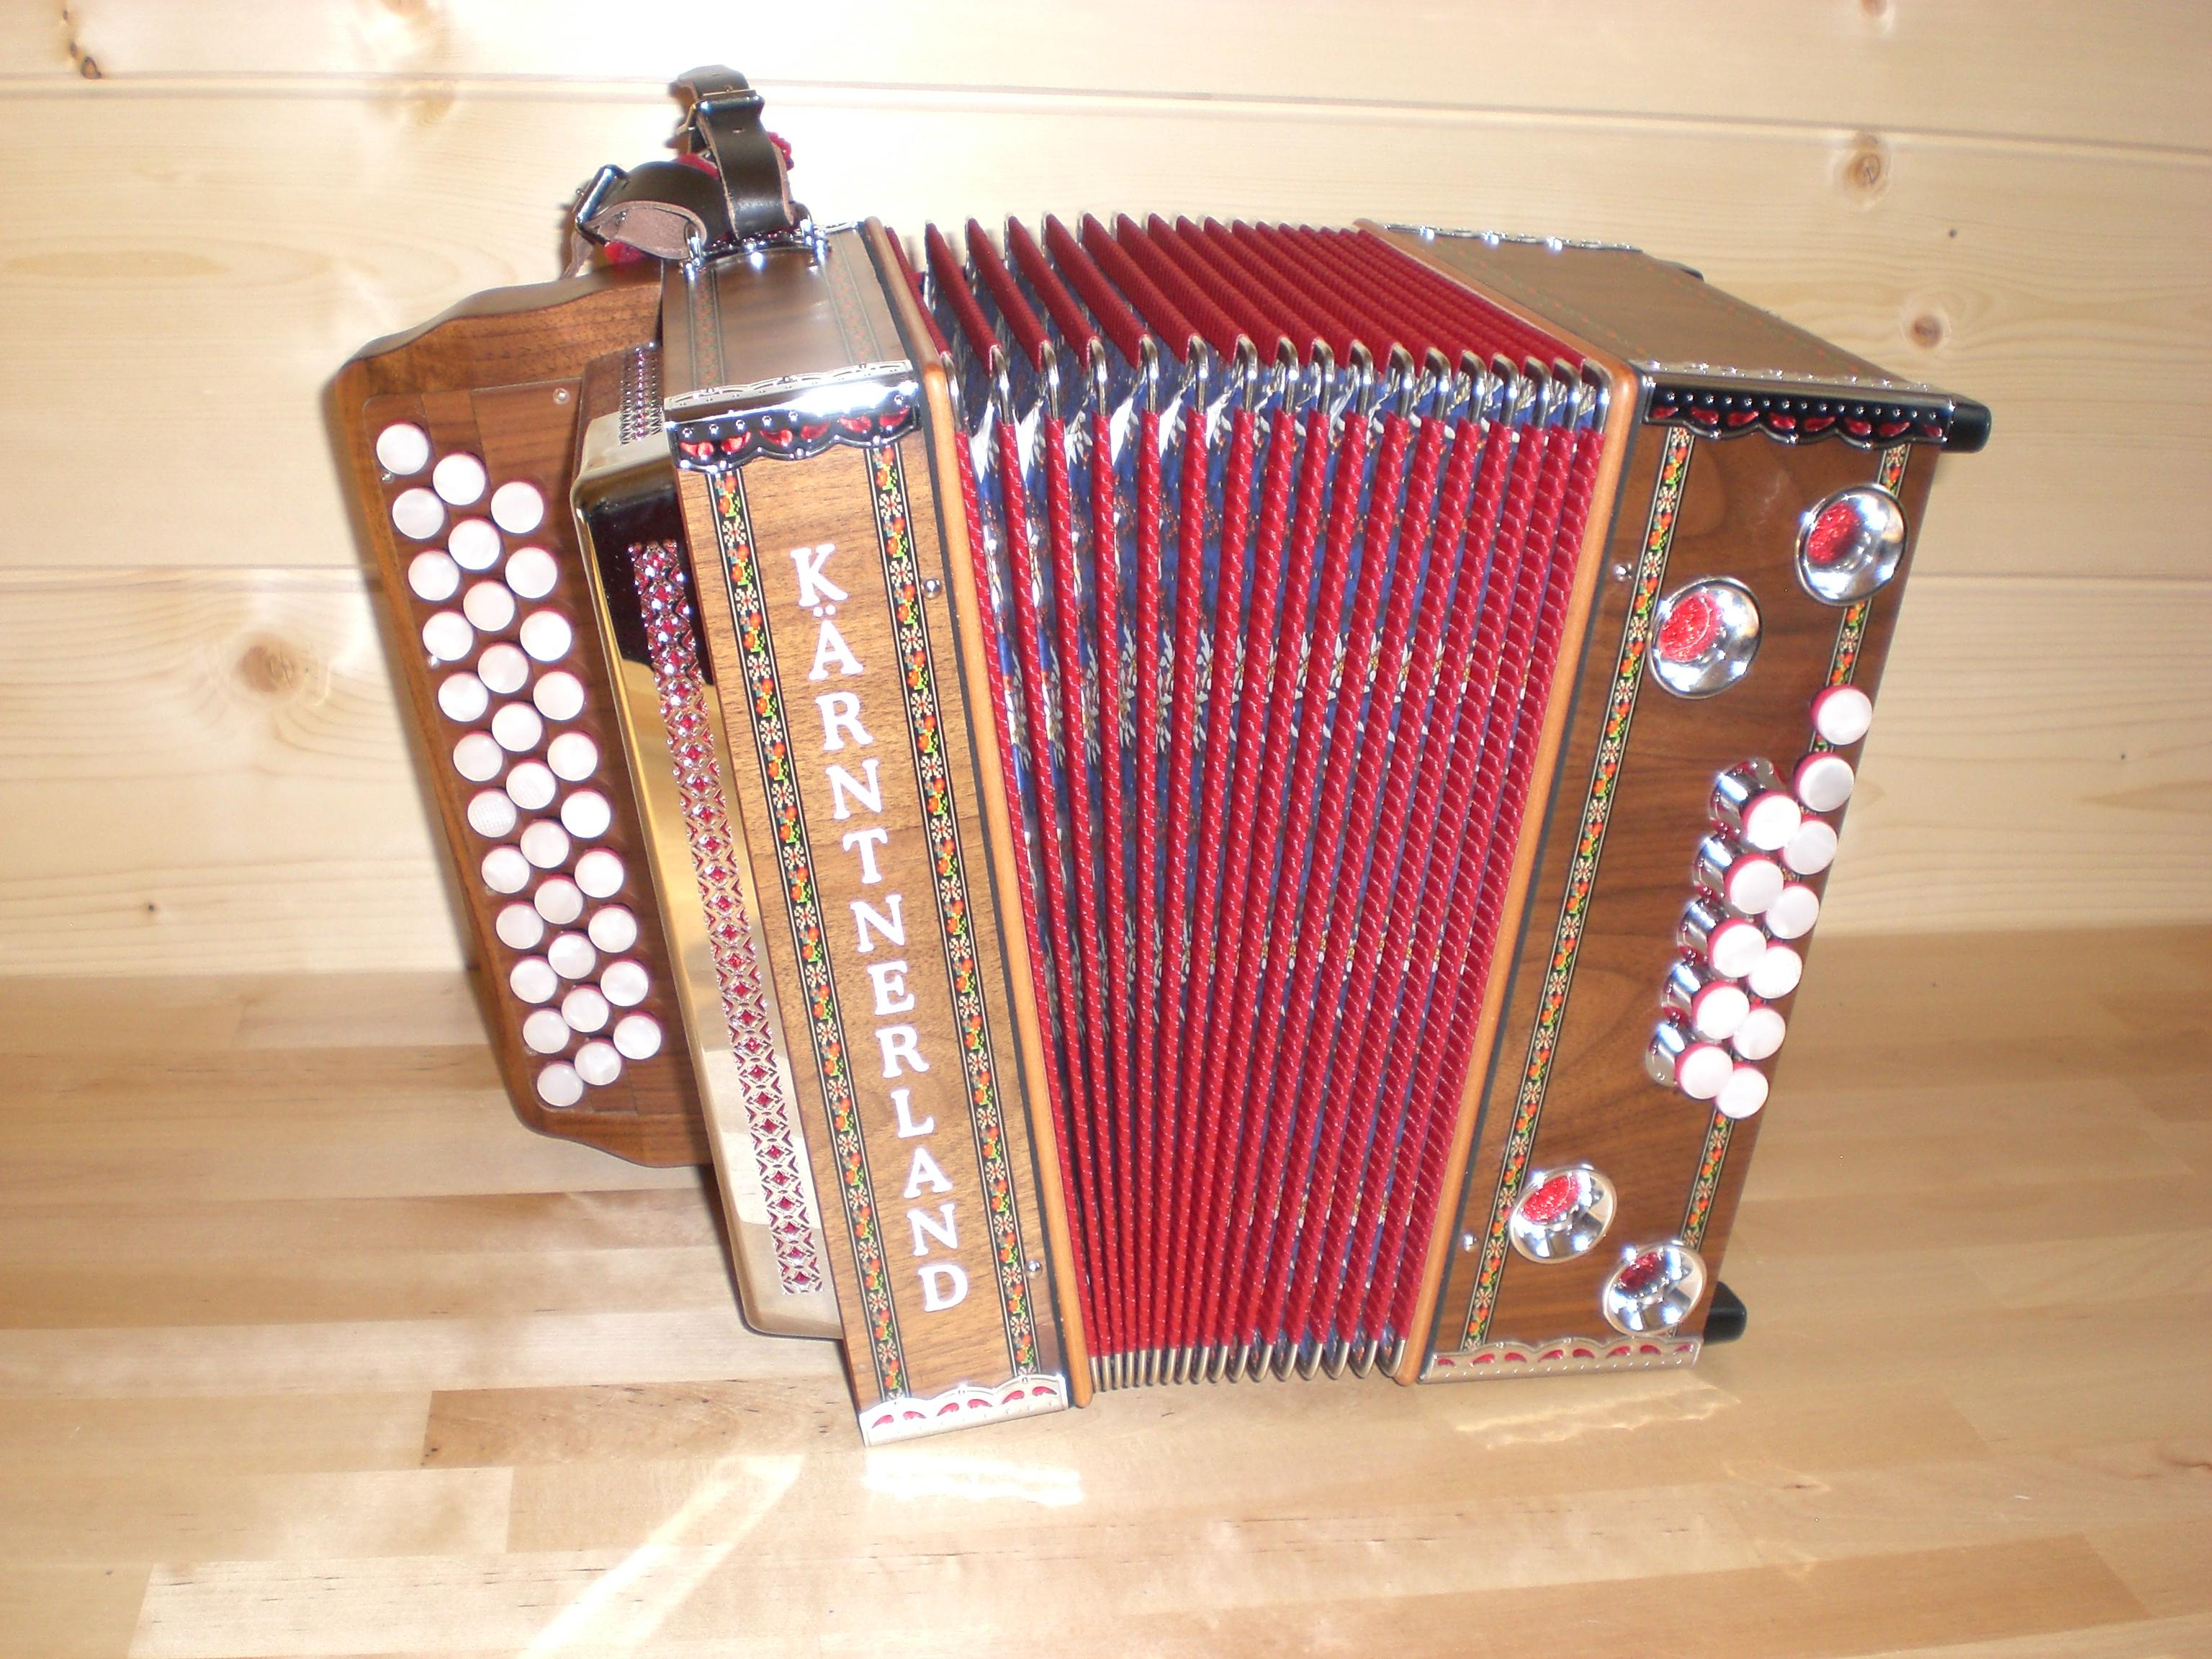 Steirische Harmonika Karntnerland Gebraucht Harmonikaland